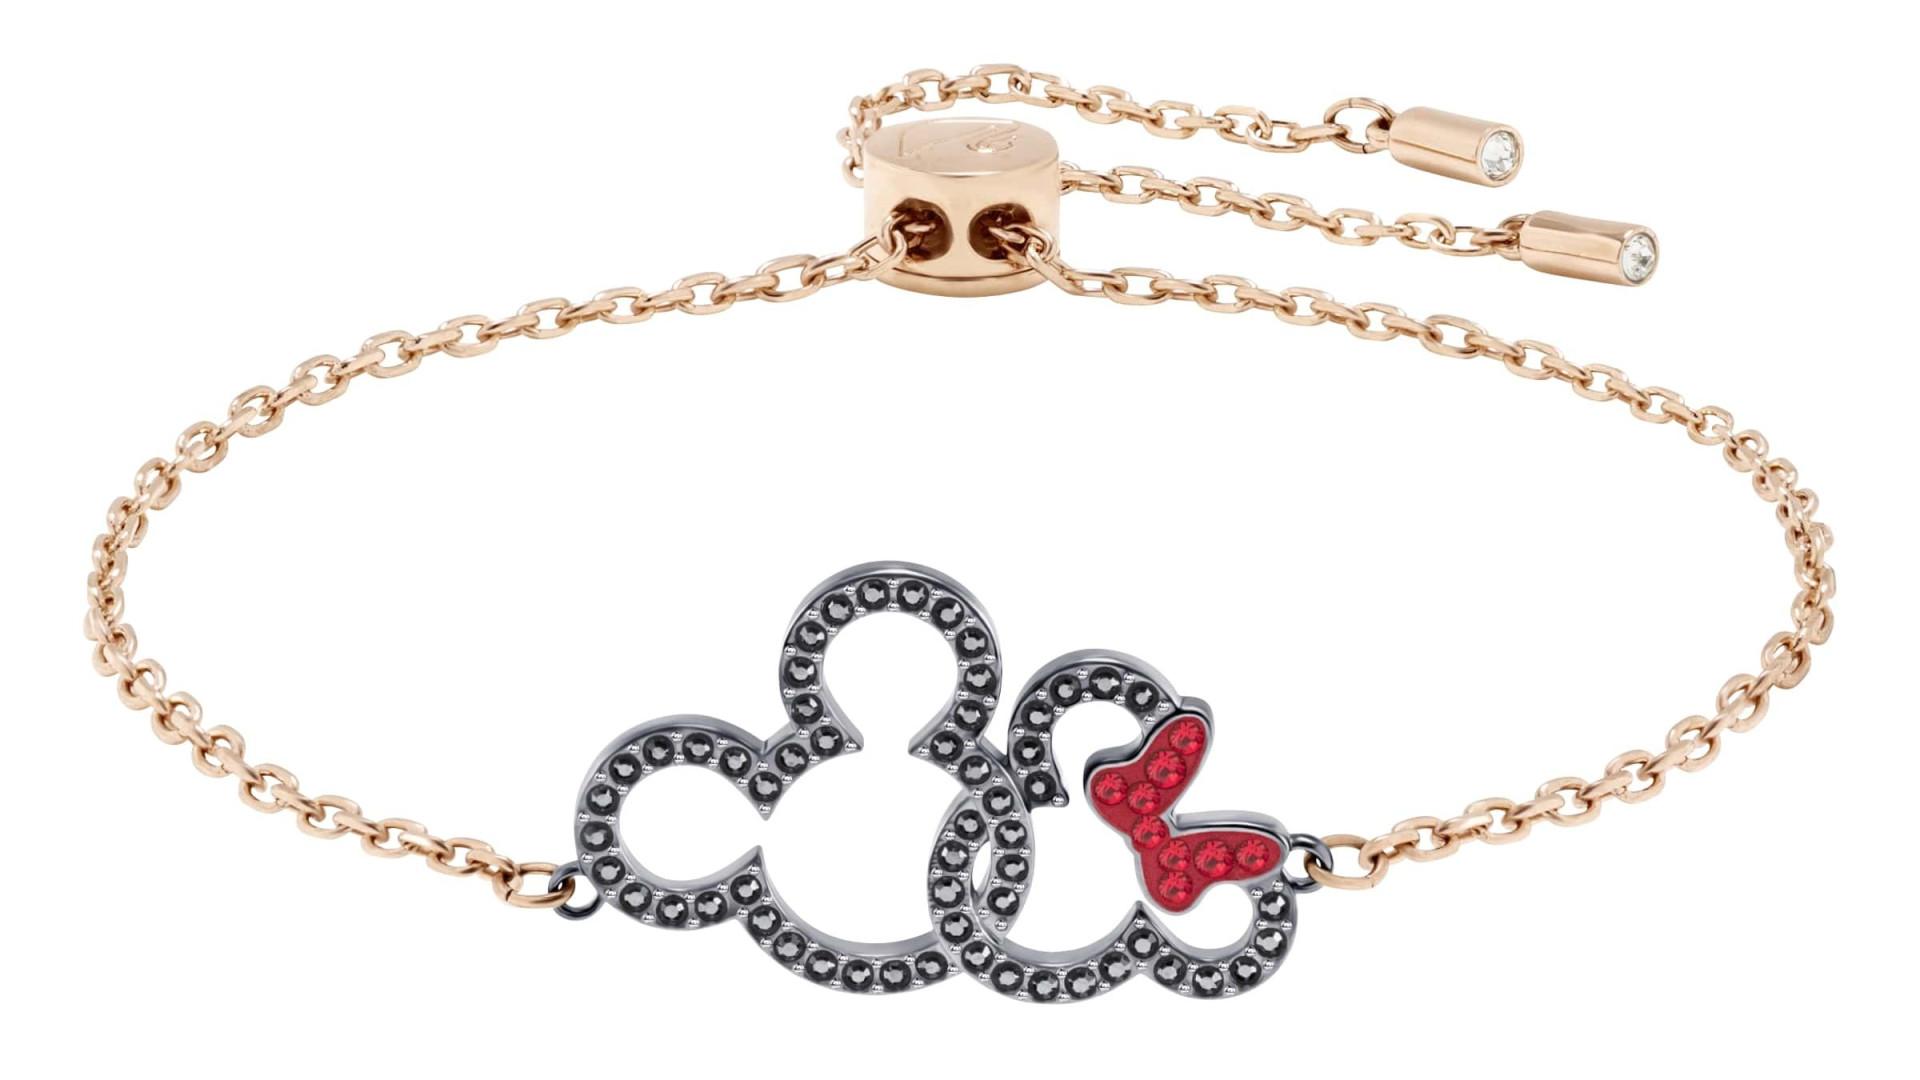 569917c3709 Swarovski celebra os 90 anos do Rato Mickey com uma brilhante coleção